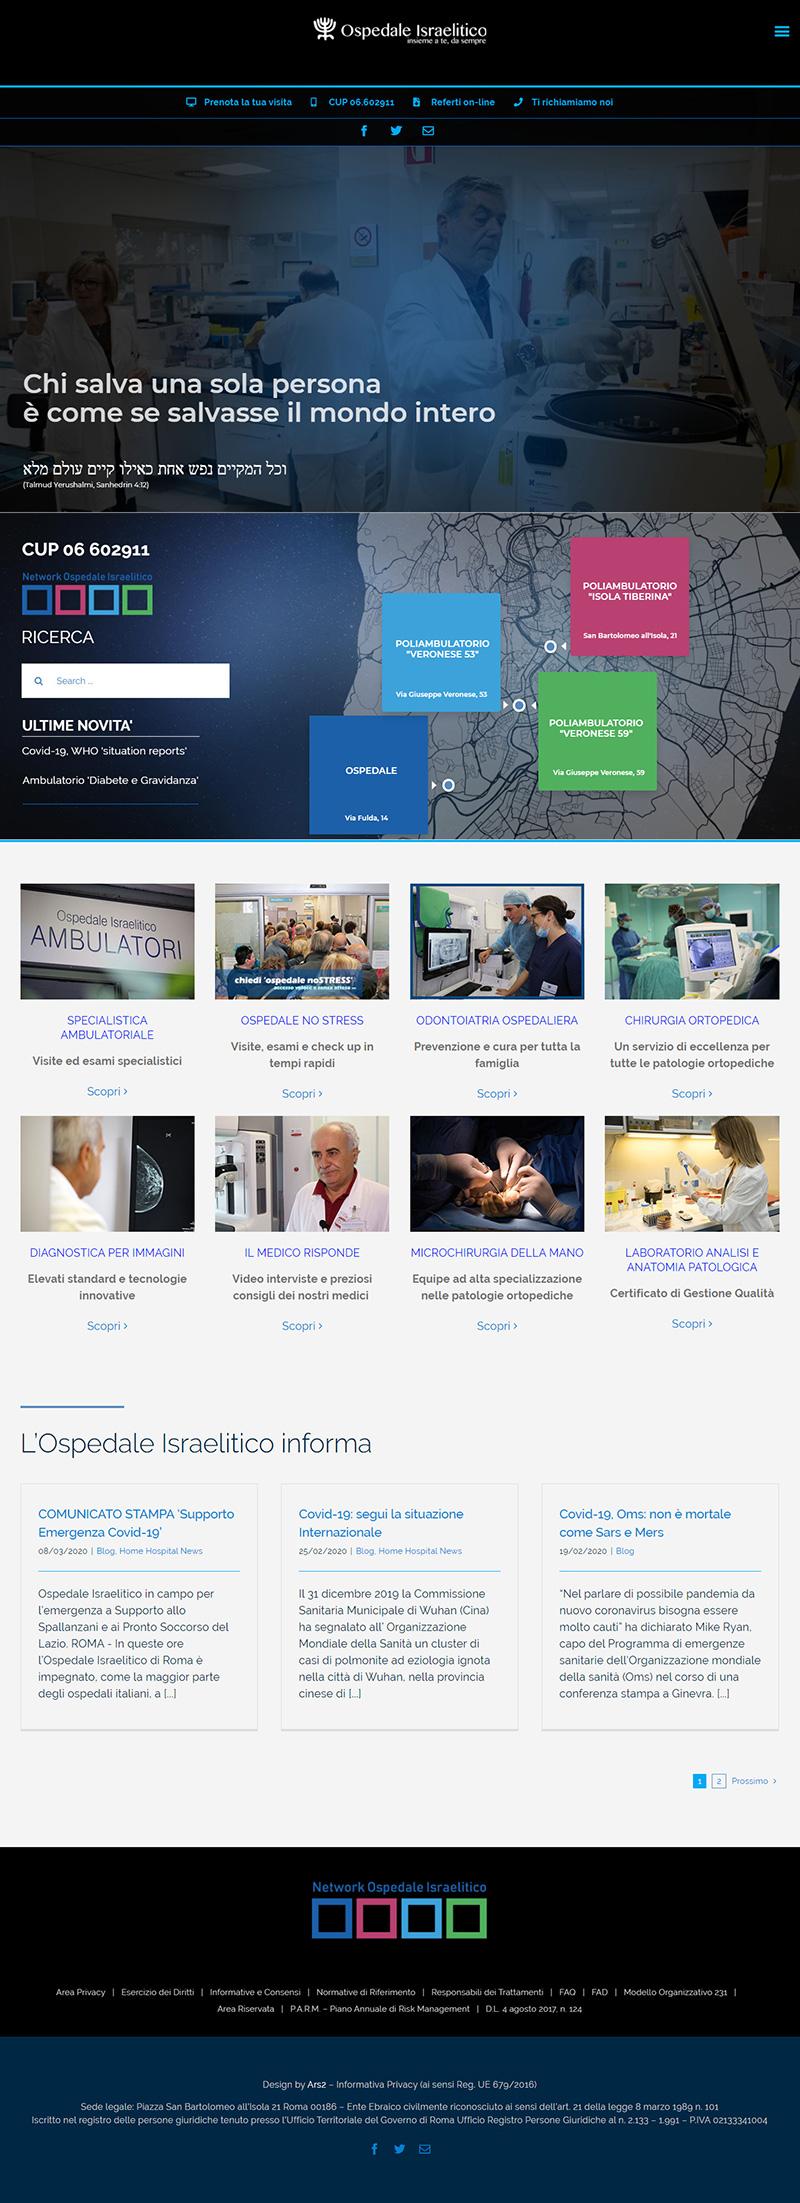 ospedaleisraelitico.it - portfolio sito arsdue